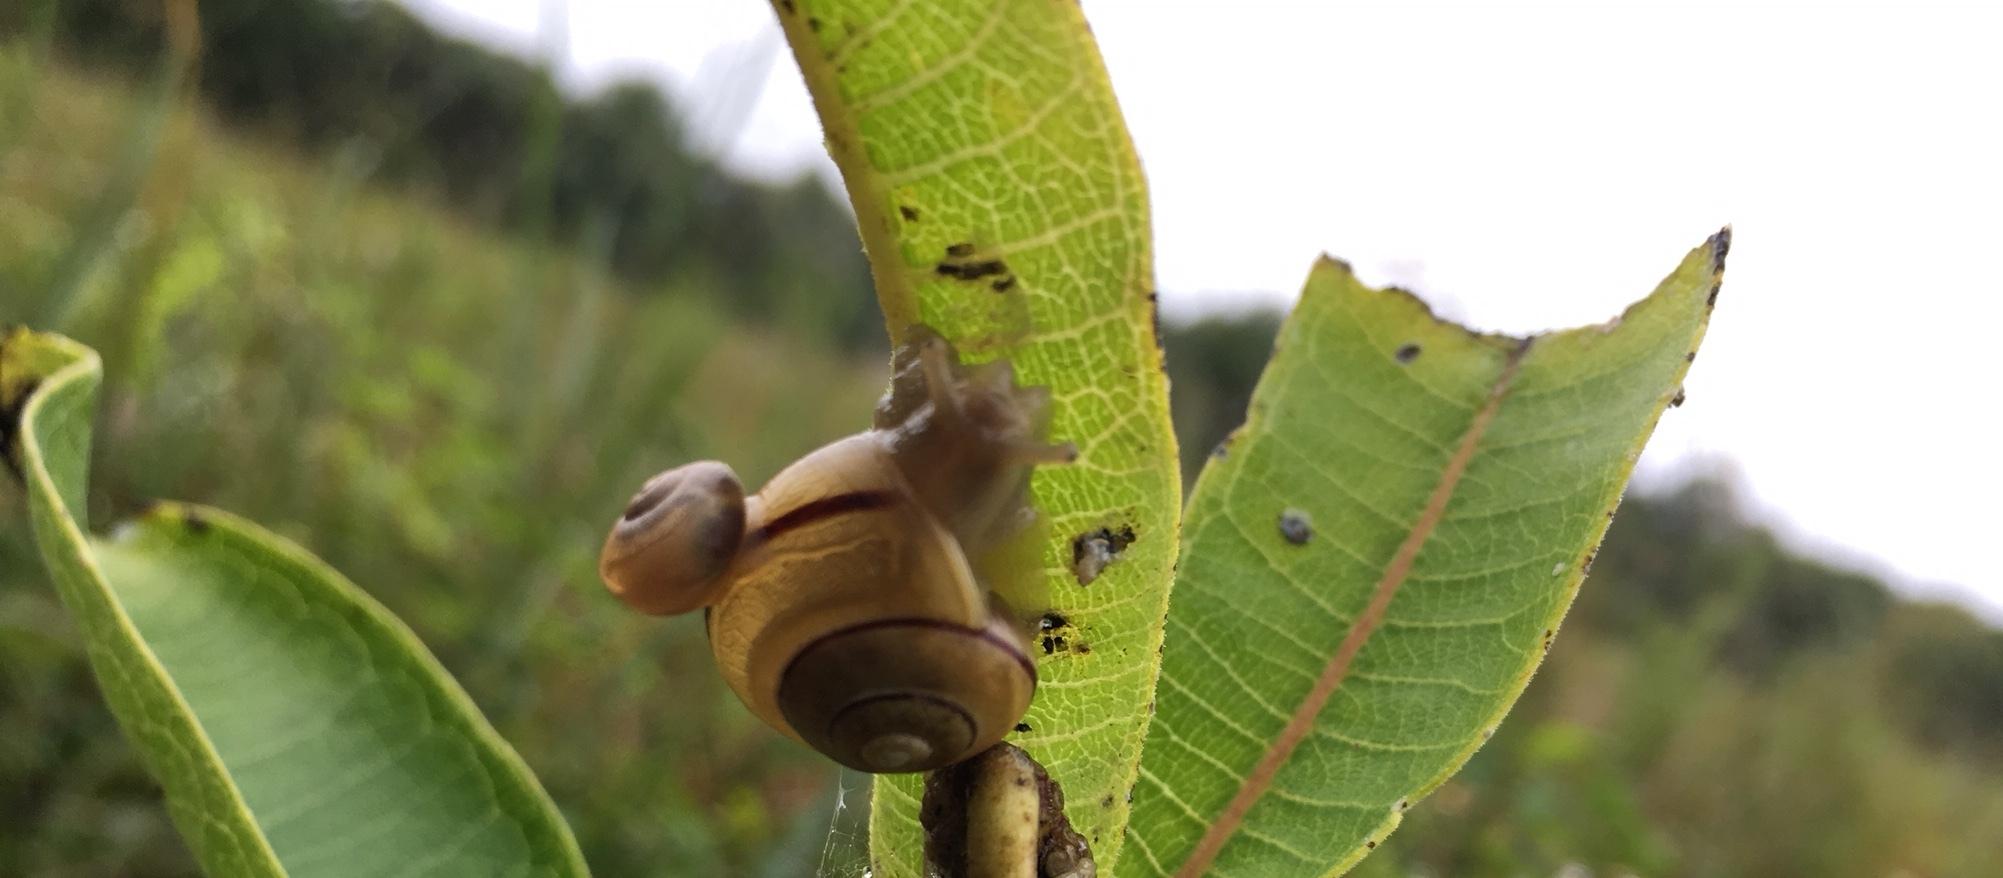 Snail on snail!